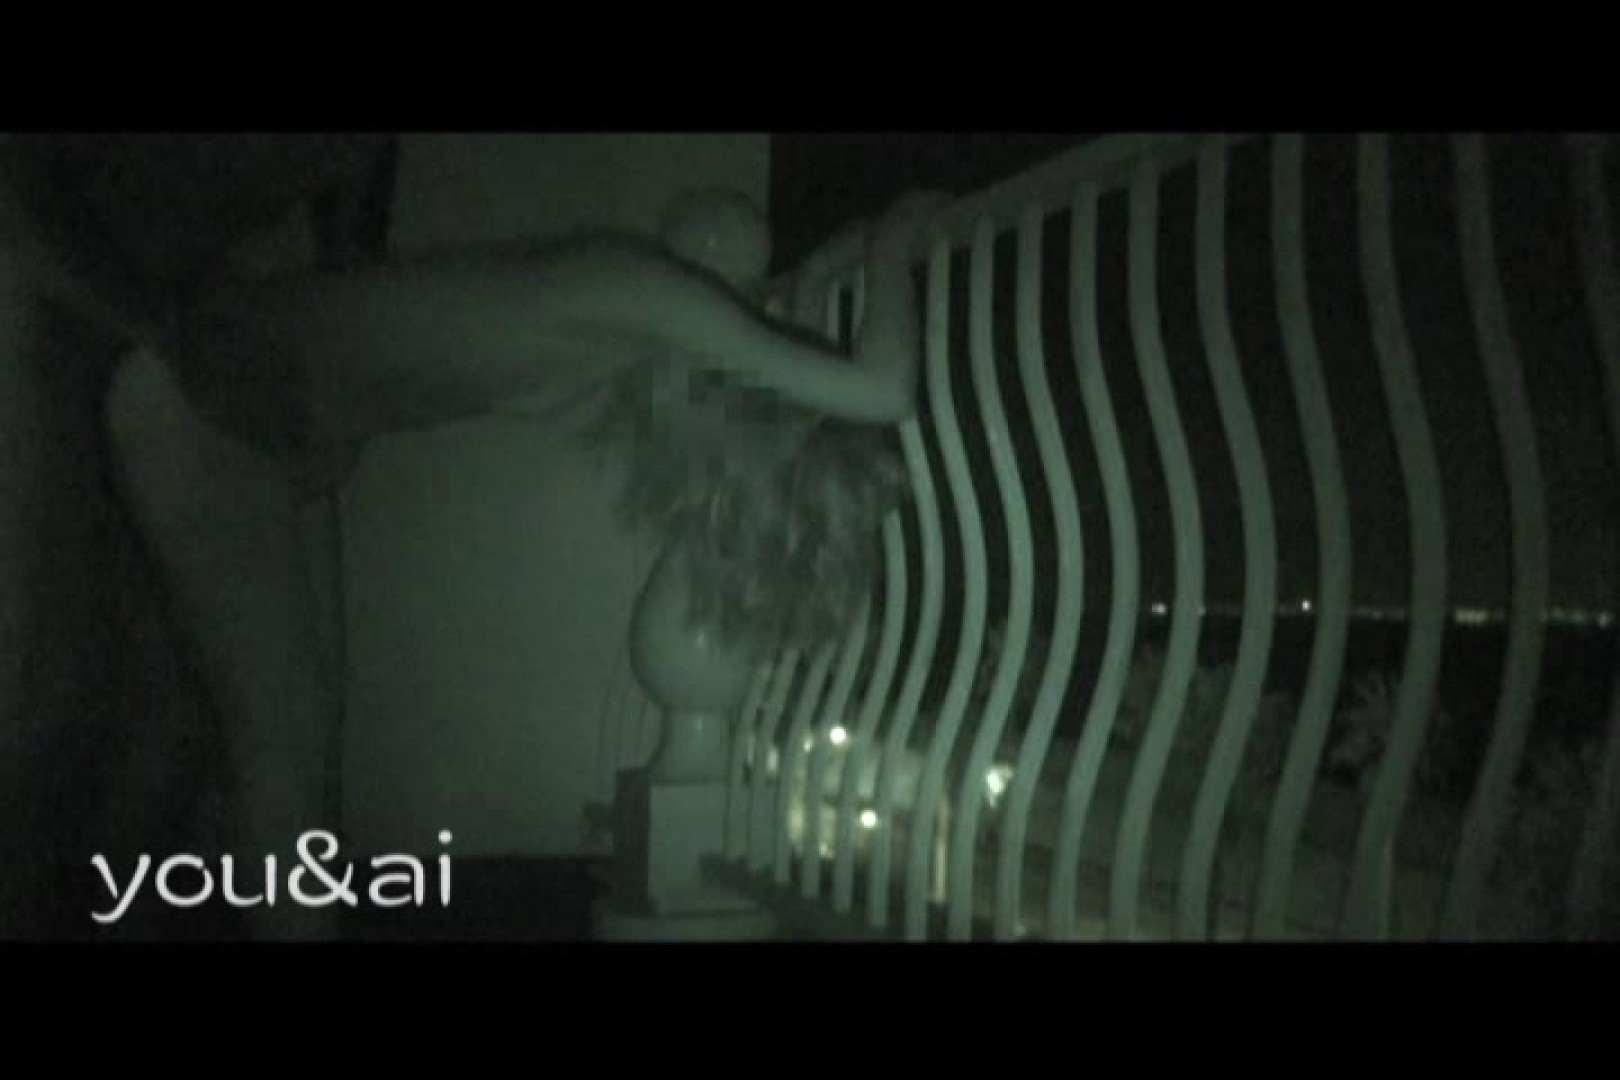 おしどり夫婦のyou&aiさん投稿作品vol.12 ホテル オマンコ動画キャプチャ 104PIX 89